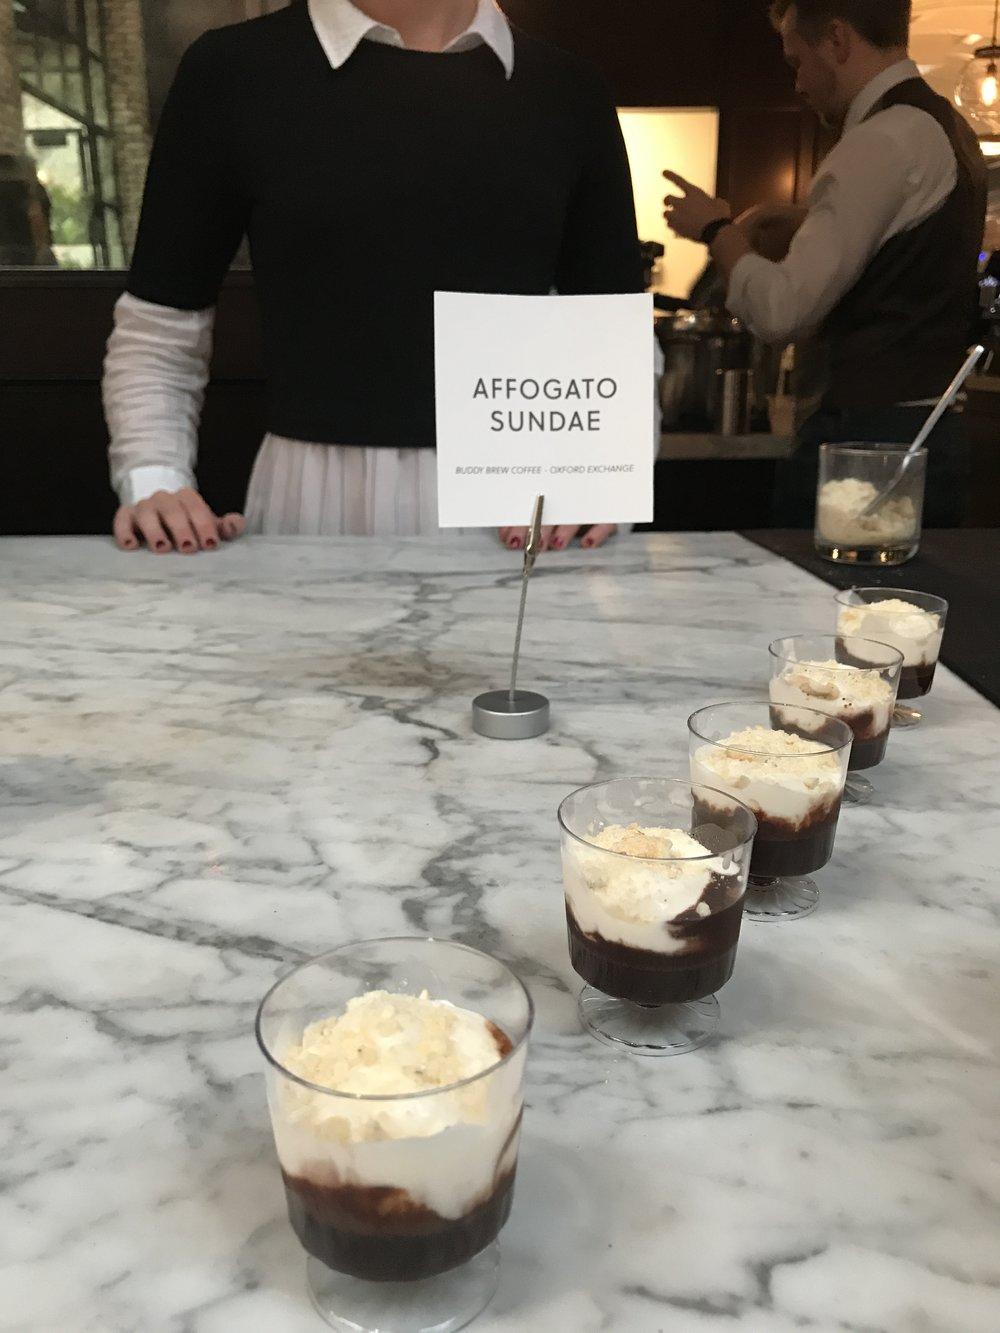 Buddy Brew Coffee's Affogato Sundaes were so delicious!